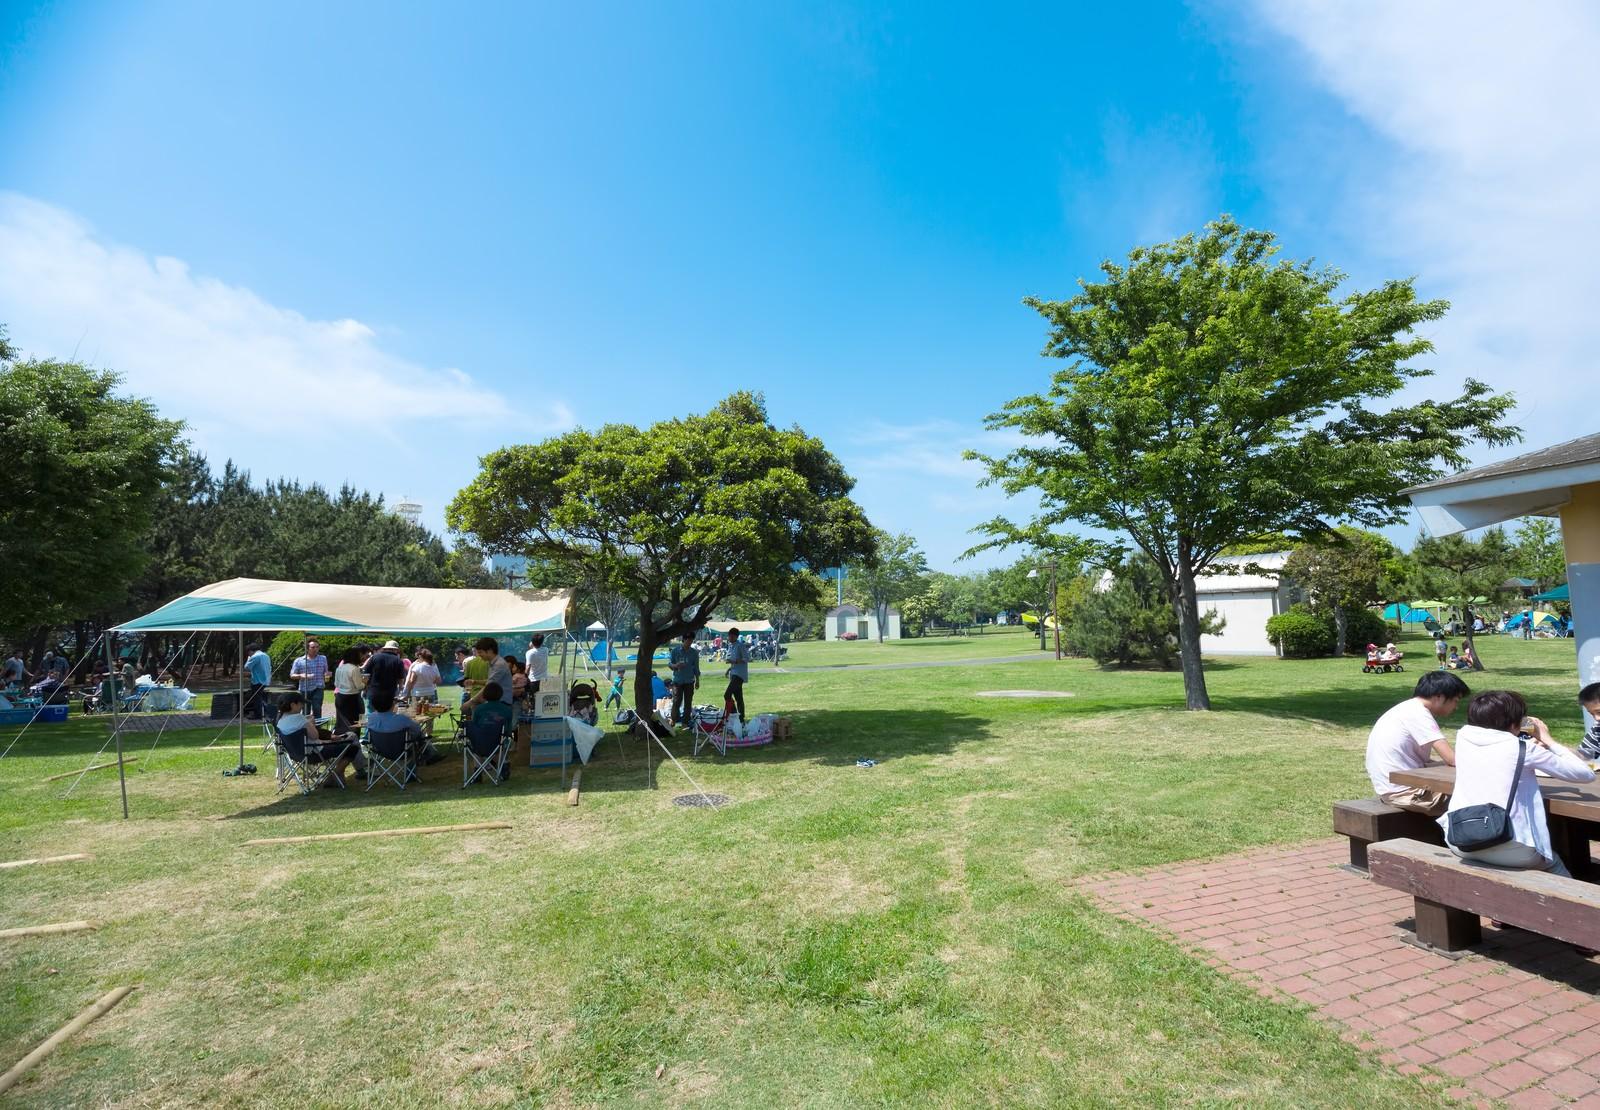 沖縄のグランピングはココがおすすめ!人気8施設で南国の自然を満喫しよう!